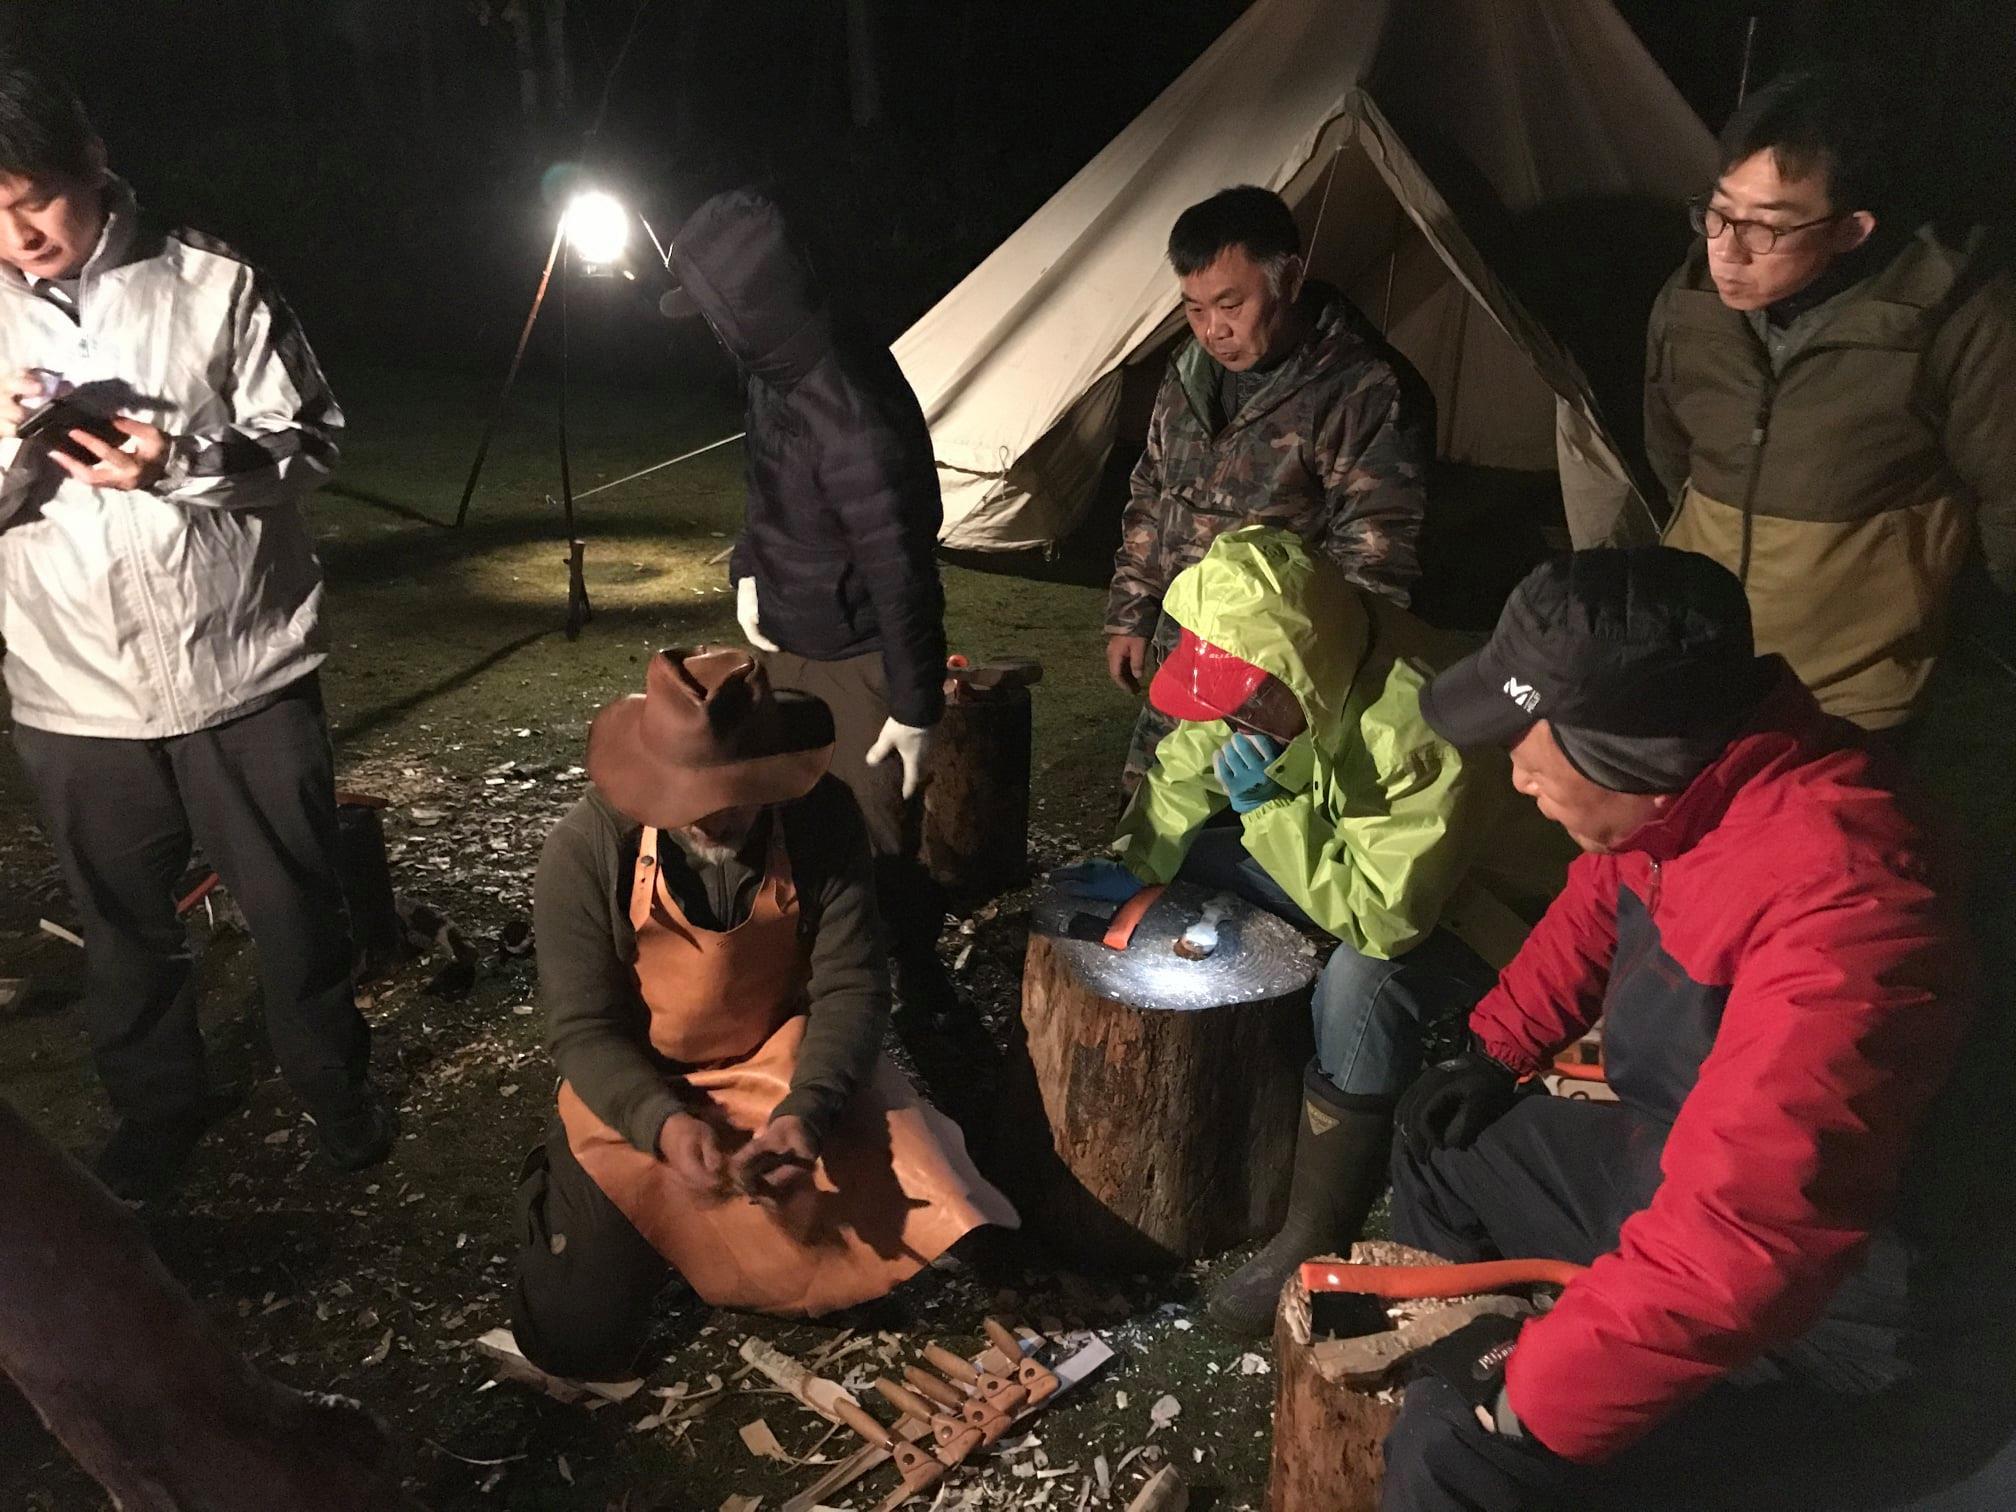 クラフトキャンプ ワークショップ(沼田町まるごと自然体験プロジェクト【北海道沼田町】Facebookより)